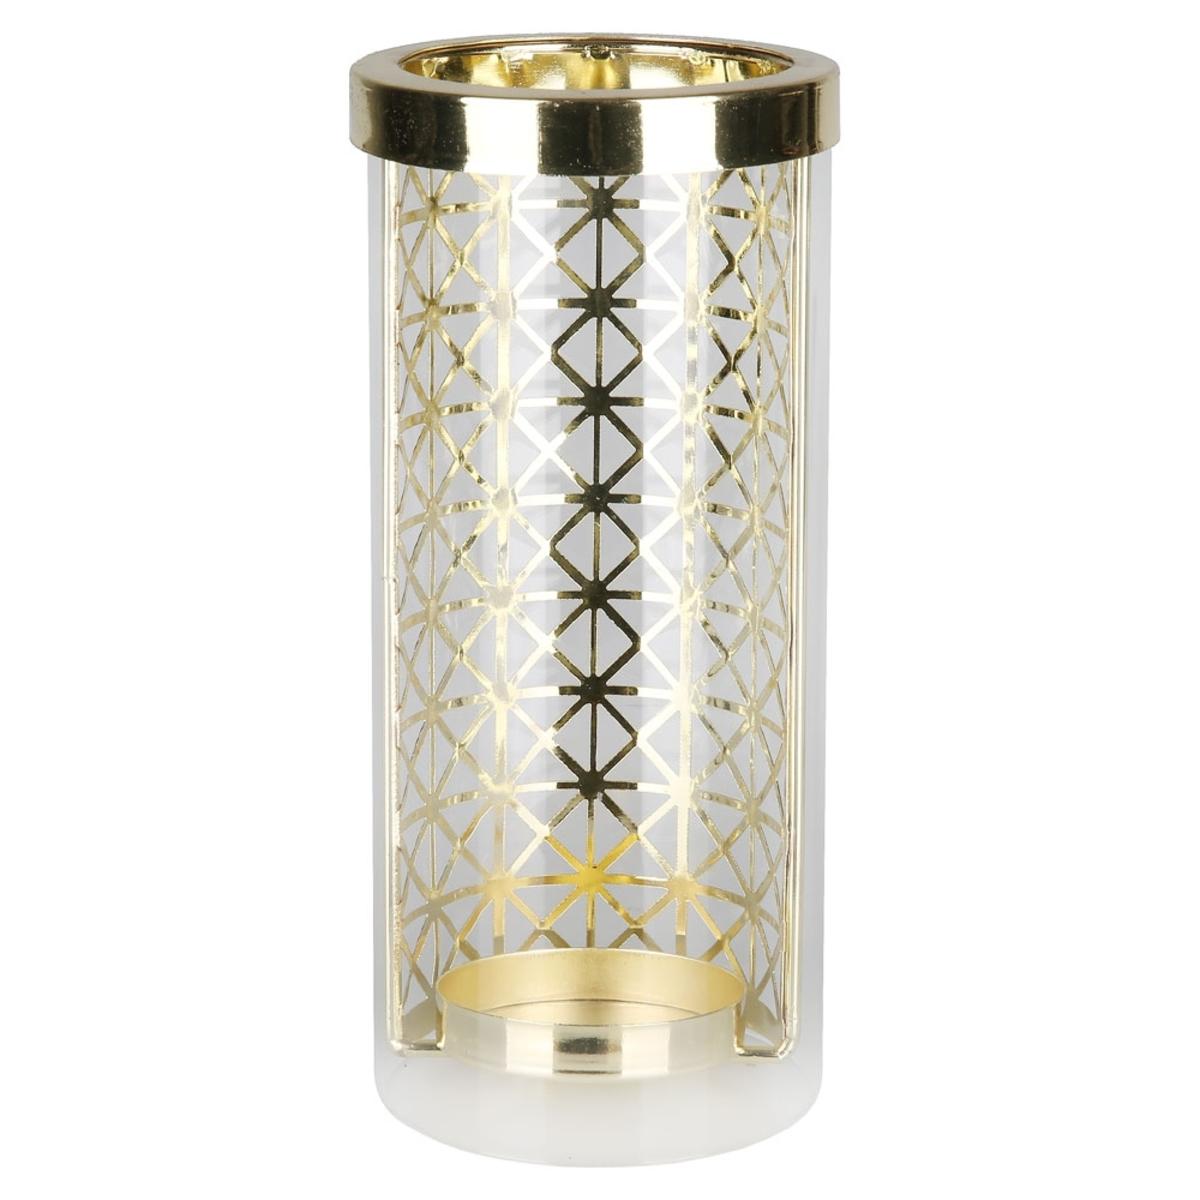 Bild 2 von Windlicht, Dreiecksmuster, Glas, 9 x 21 x 9 cm, gold